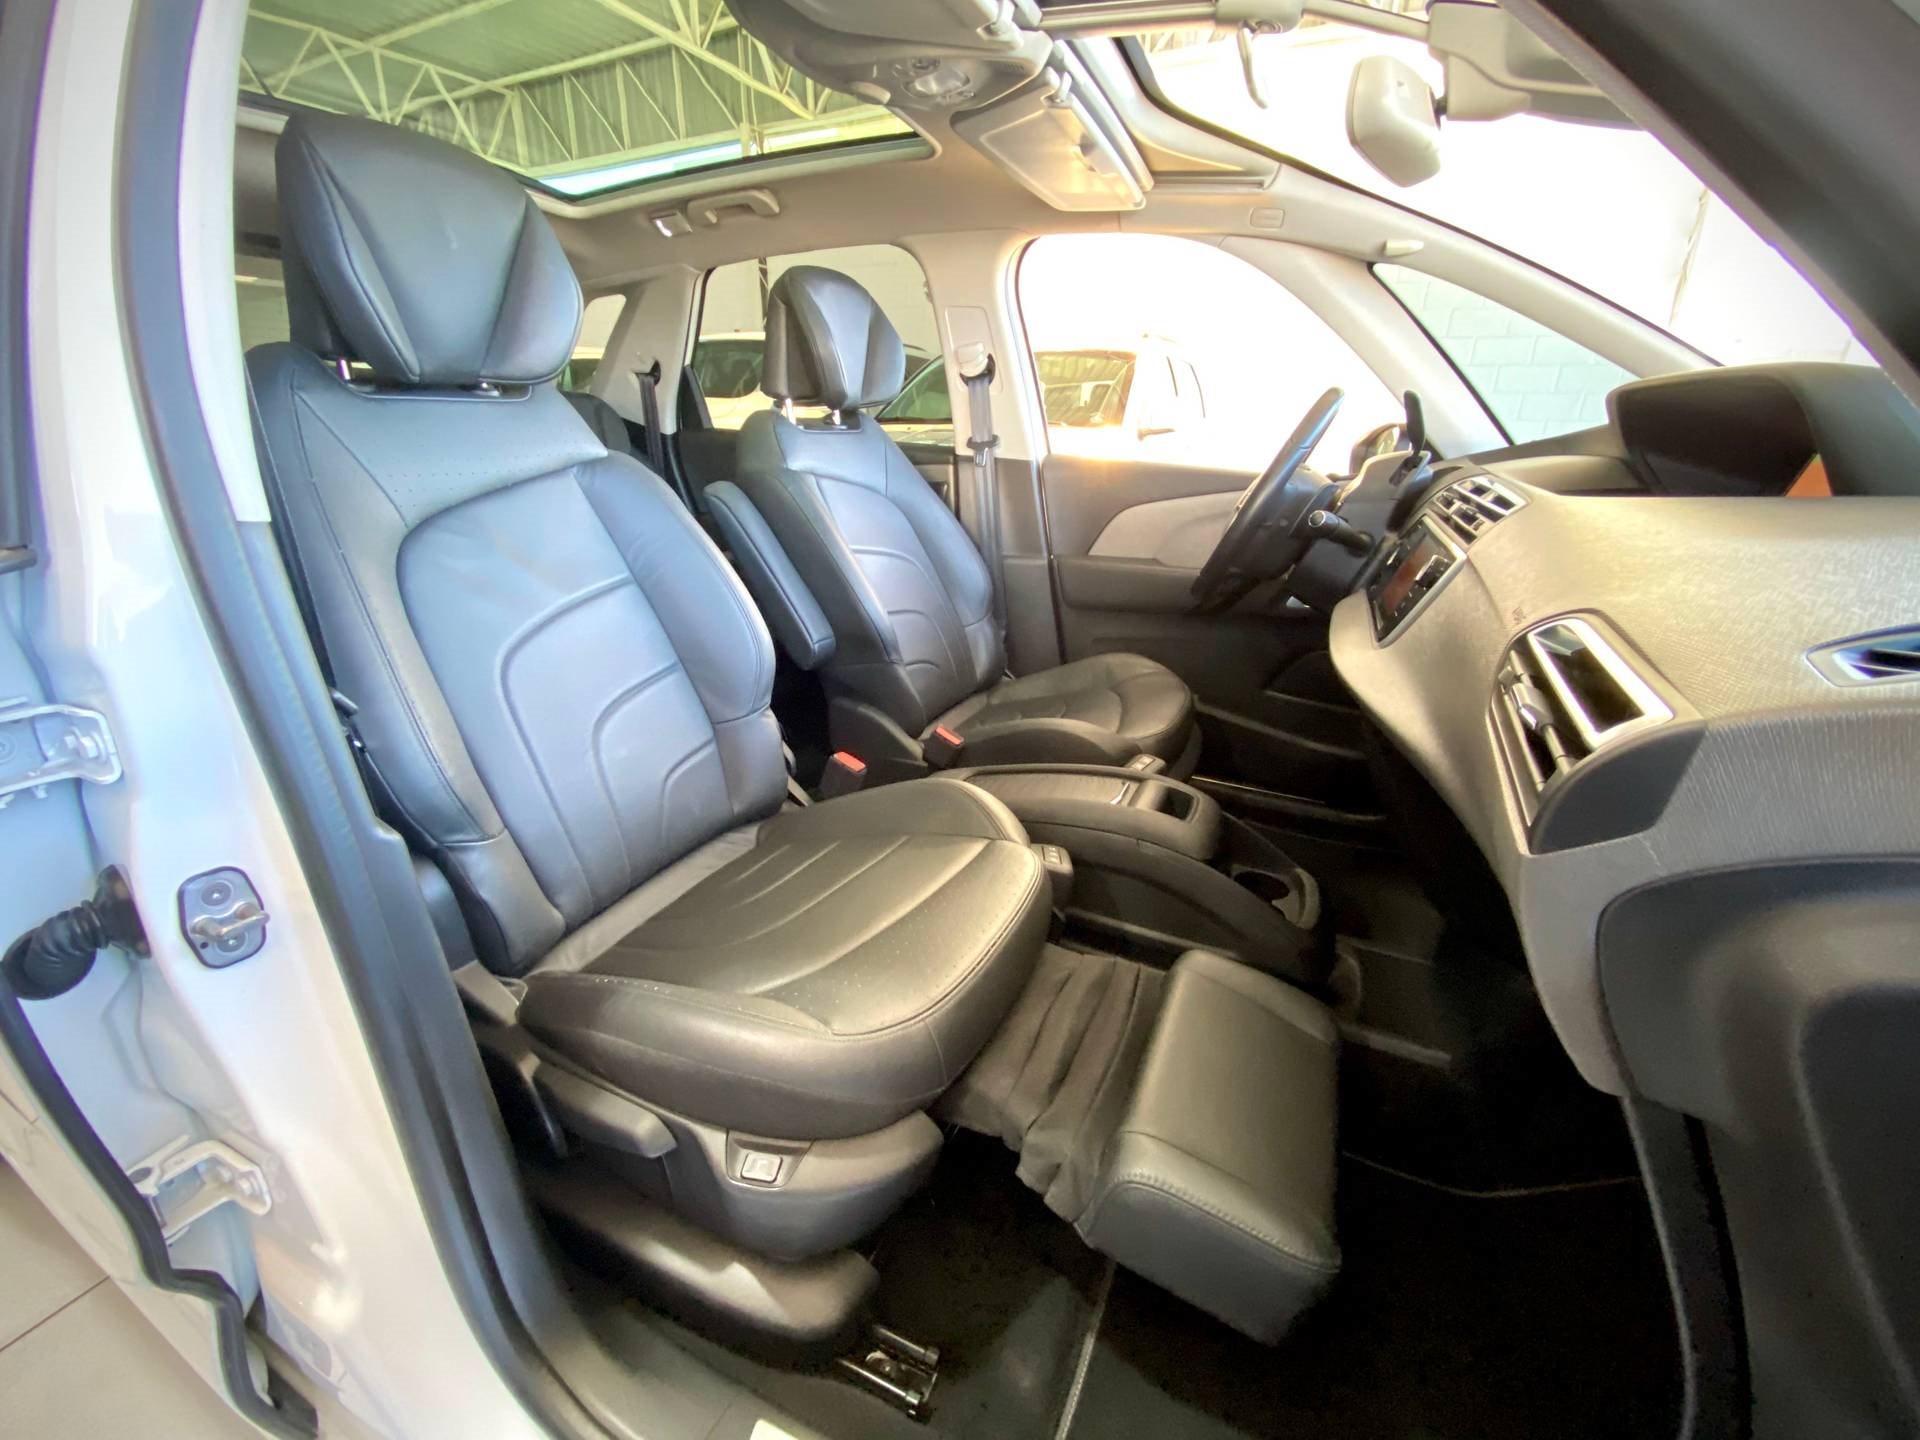 Citroen C4 Picasso 1.6 Intensive 16v Turbo Gasolina 4p Automatico Wmimagem15230728826